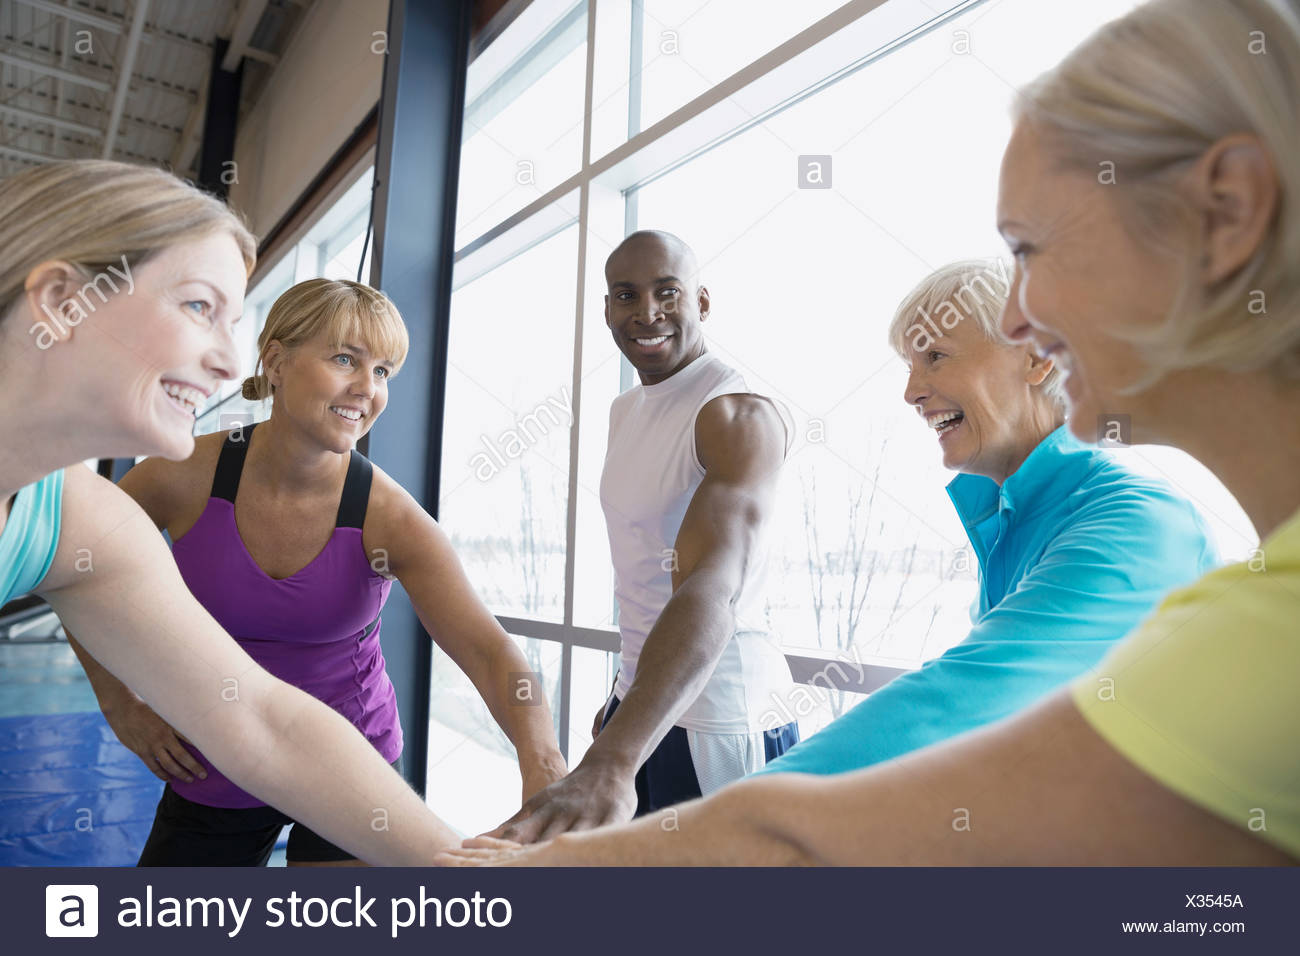 Entraîneur personnel et touchant les femmes dans les mains se serrent Banque D'Images